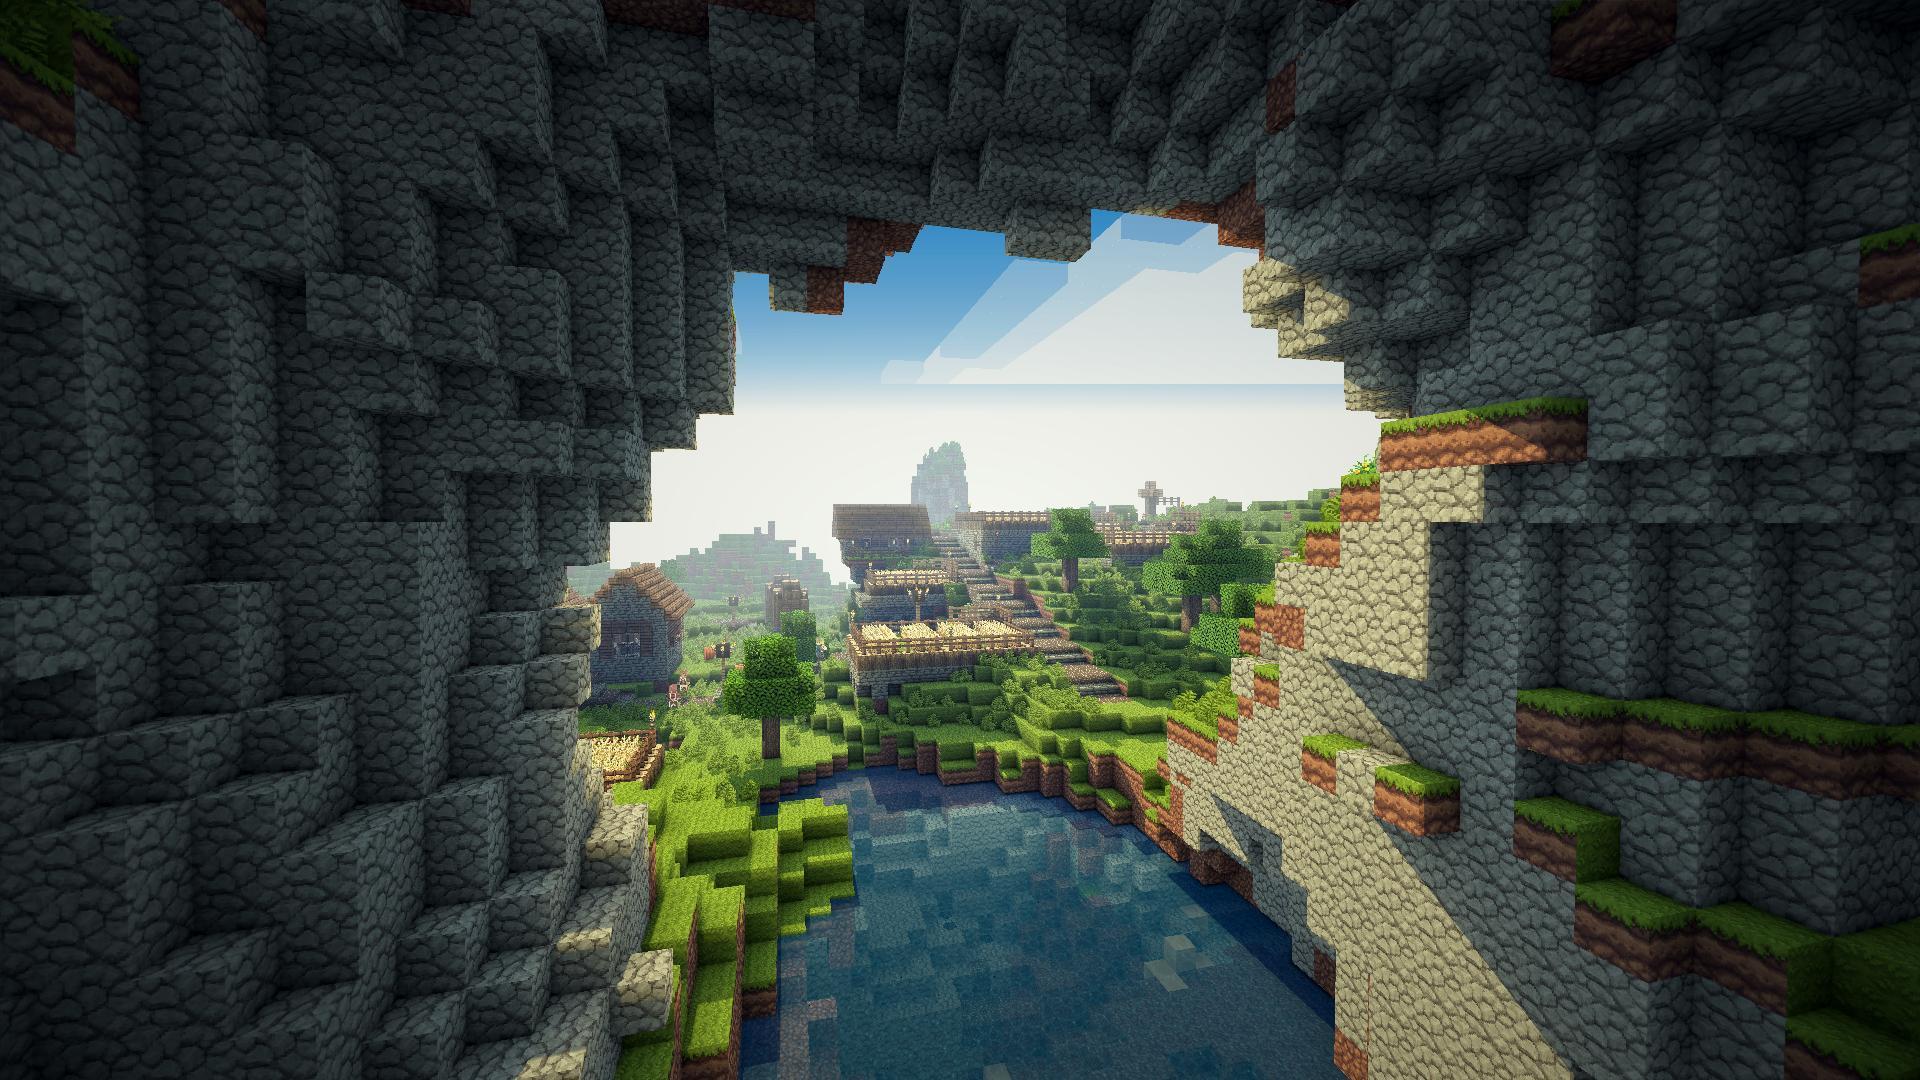 Hình nền Minecraft đẹp với khung cảnh đẹp